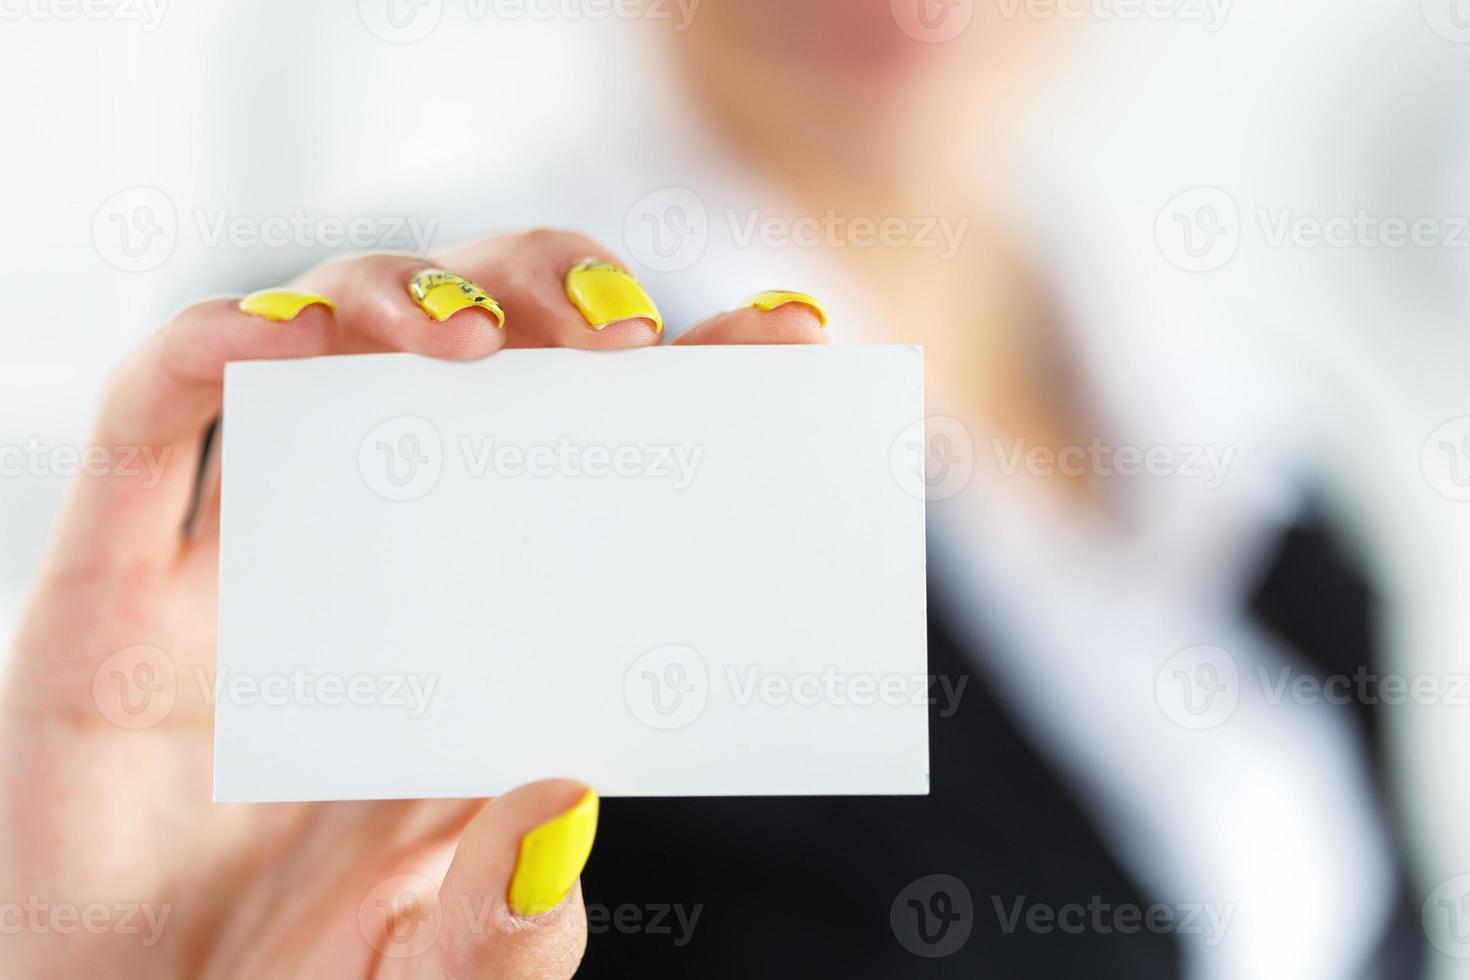 införa gest vid det formella mötet foto